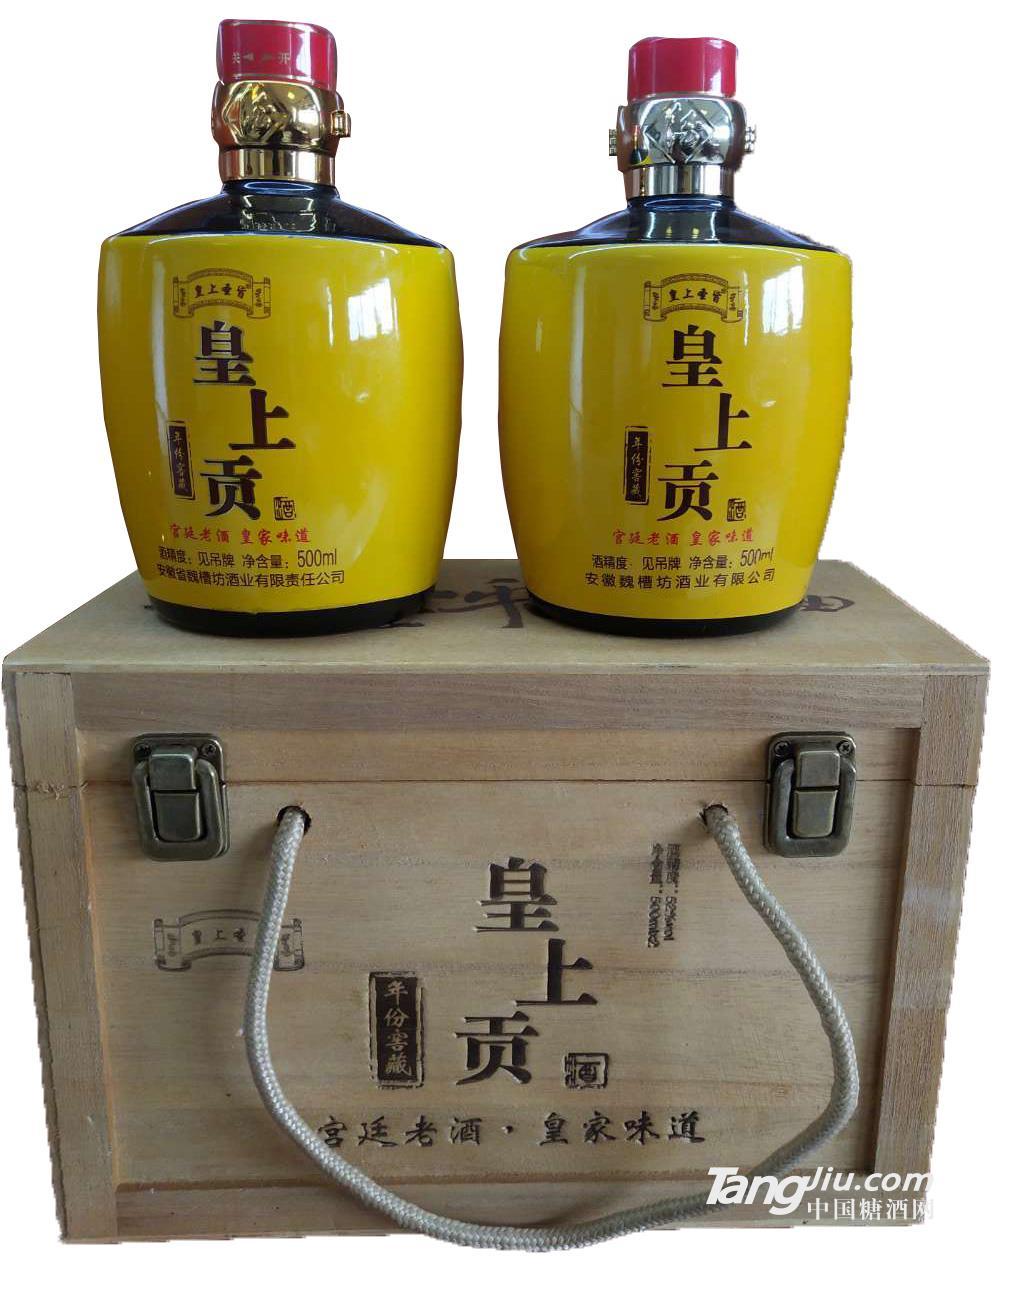 皇上贡年份窖藏-500ml